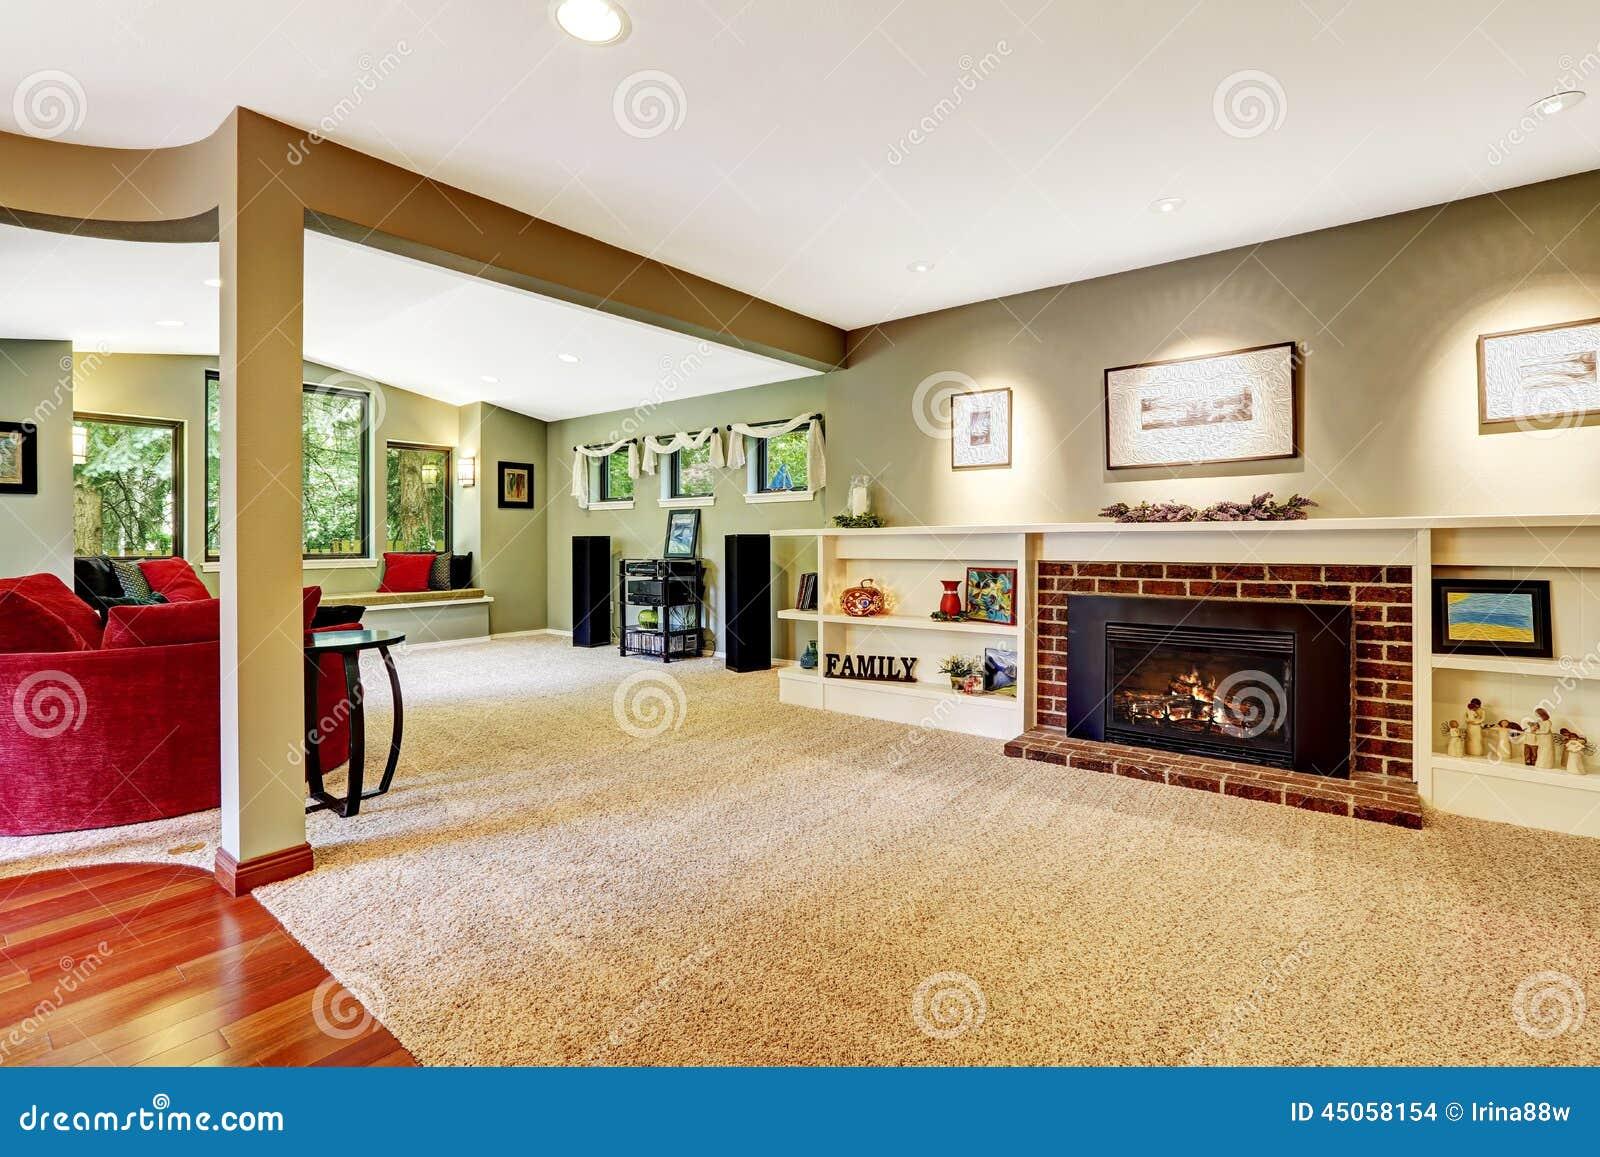 Wohnzimmer Mit Kamin Und Verzierten Regalen Stockfoto Bild Von Verzierten Kamin 45058154